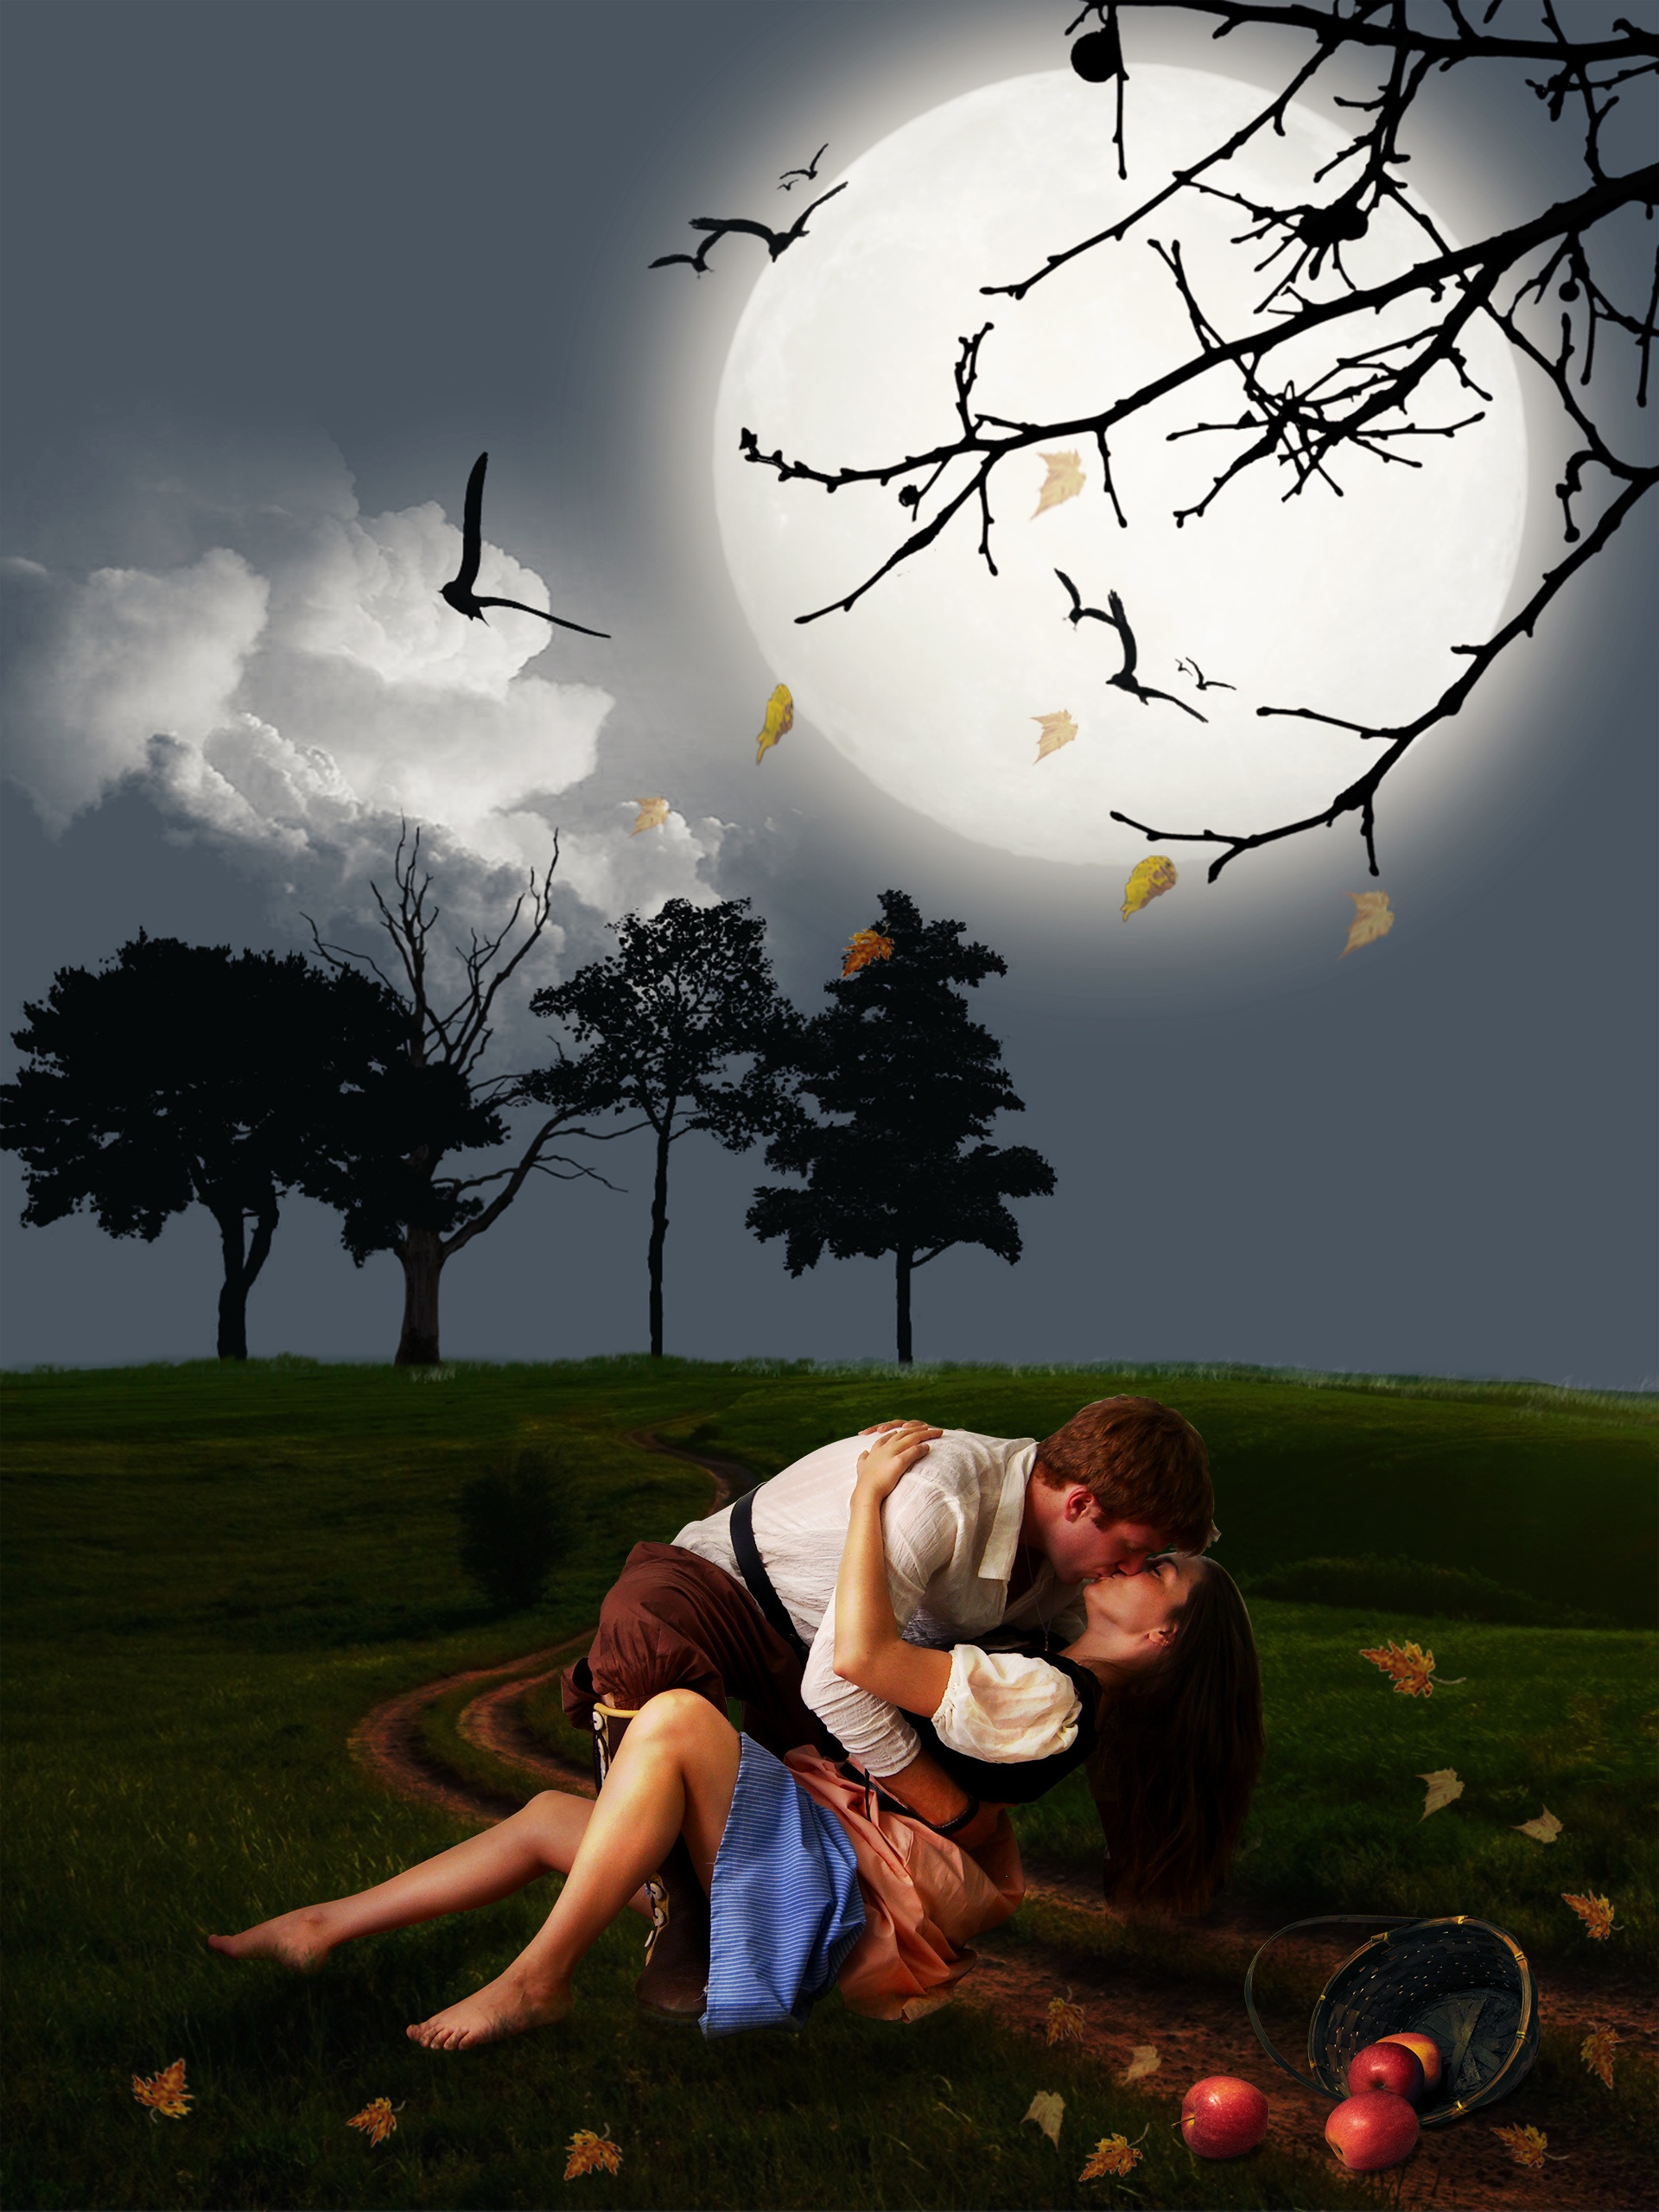 Романтик картинки прикольные, заработало прикольные картинки